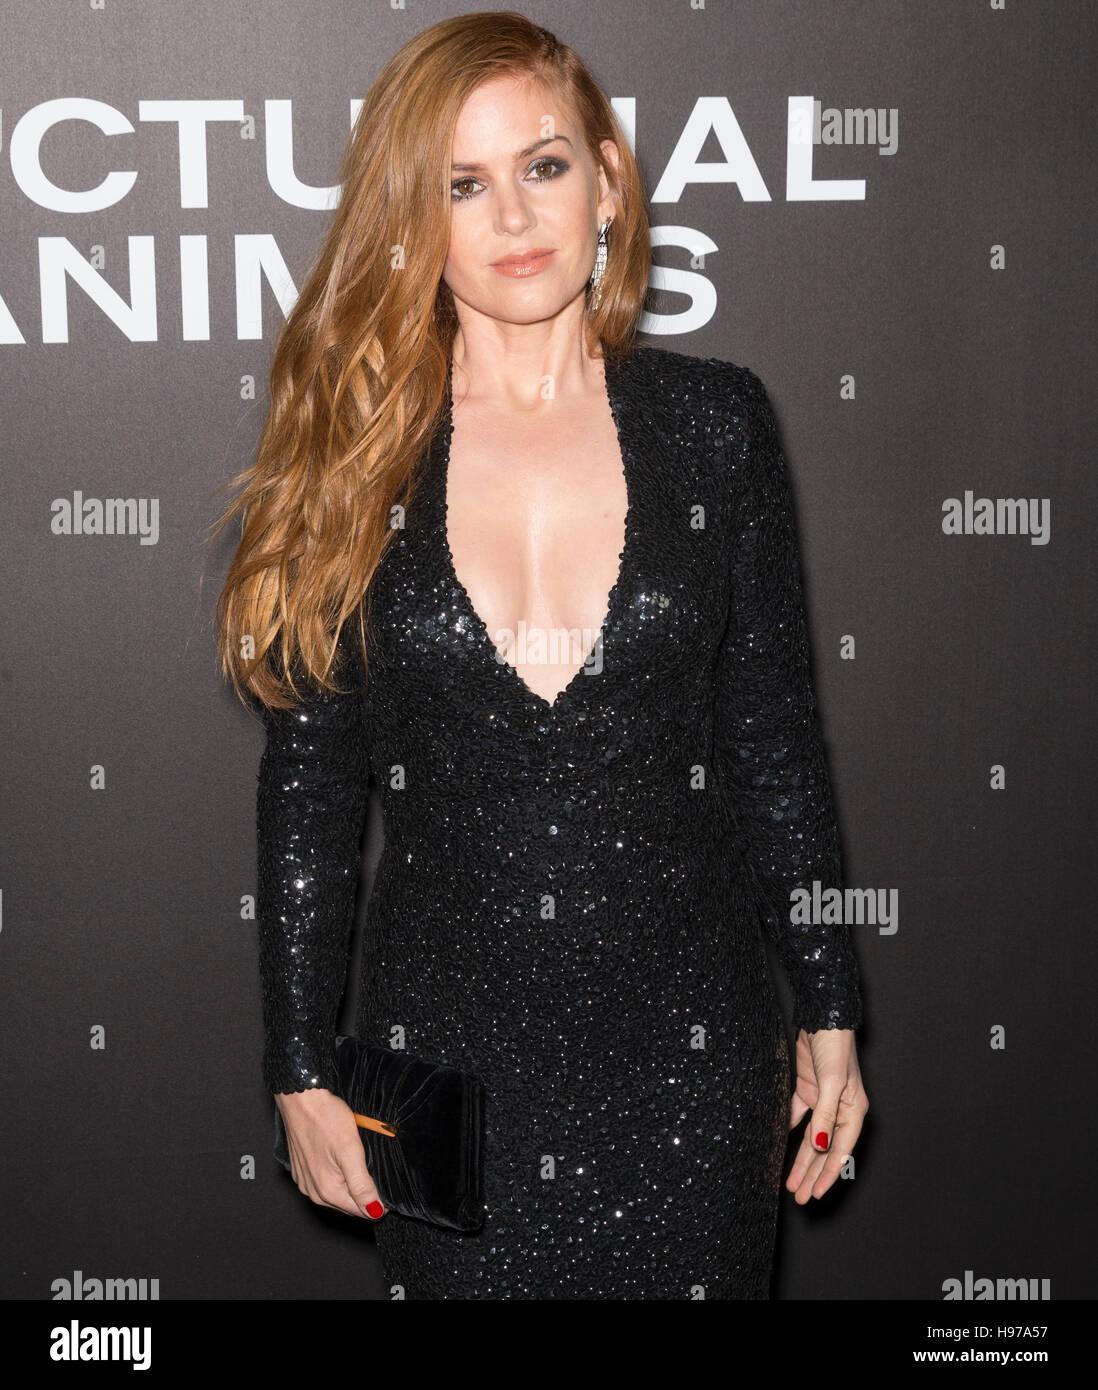 La Ciudad de Nueva York, EE.UU. - Noviembre 17, 2016: La actriz Isla Fisher asiste al 'animales nocturnos' Imagen De Stock